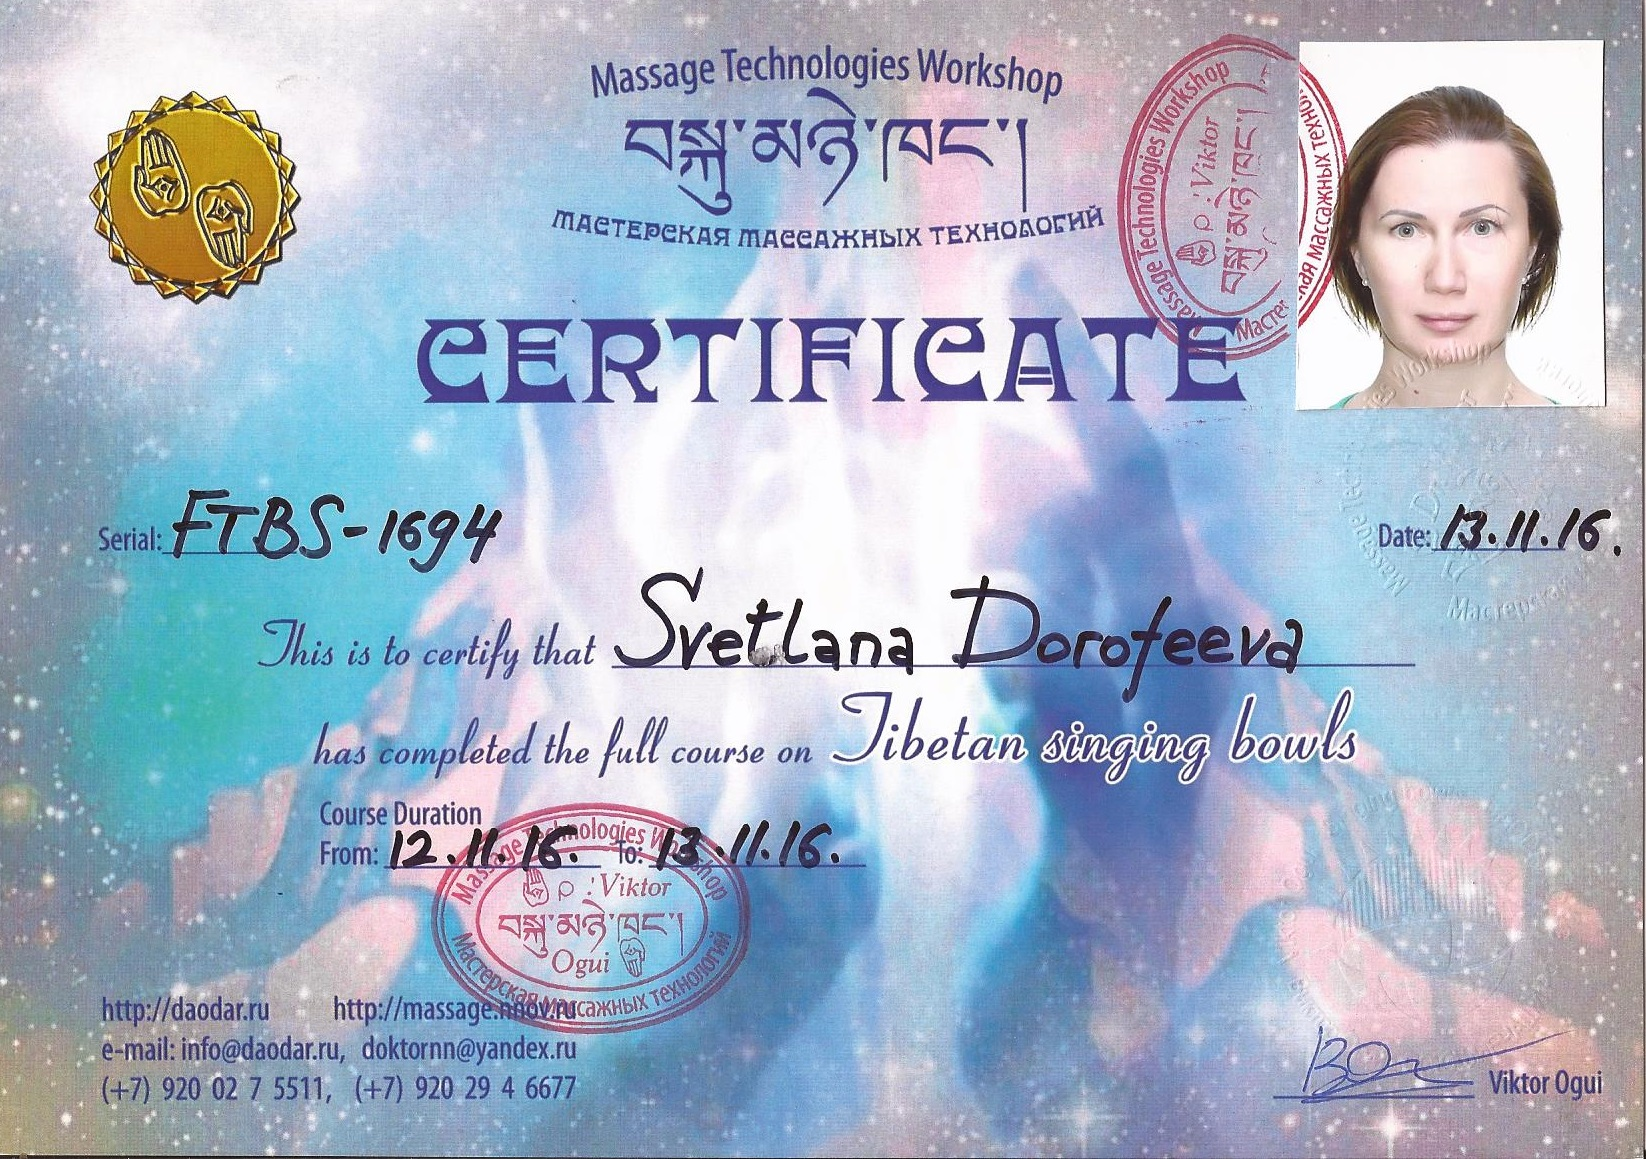 Сертификат о прохождении полного курса массажа тибетскими чашами 2016